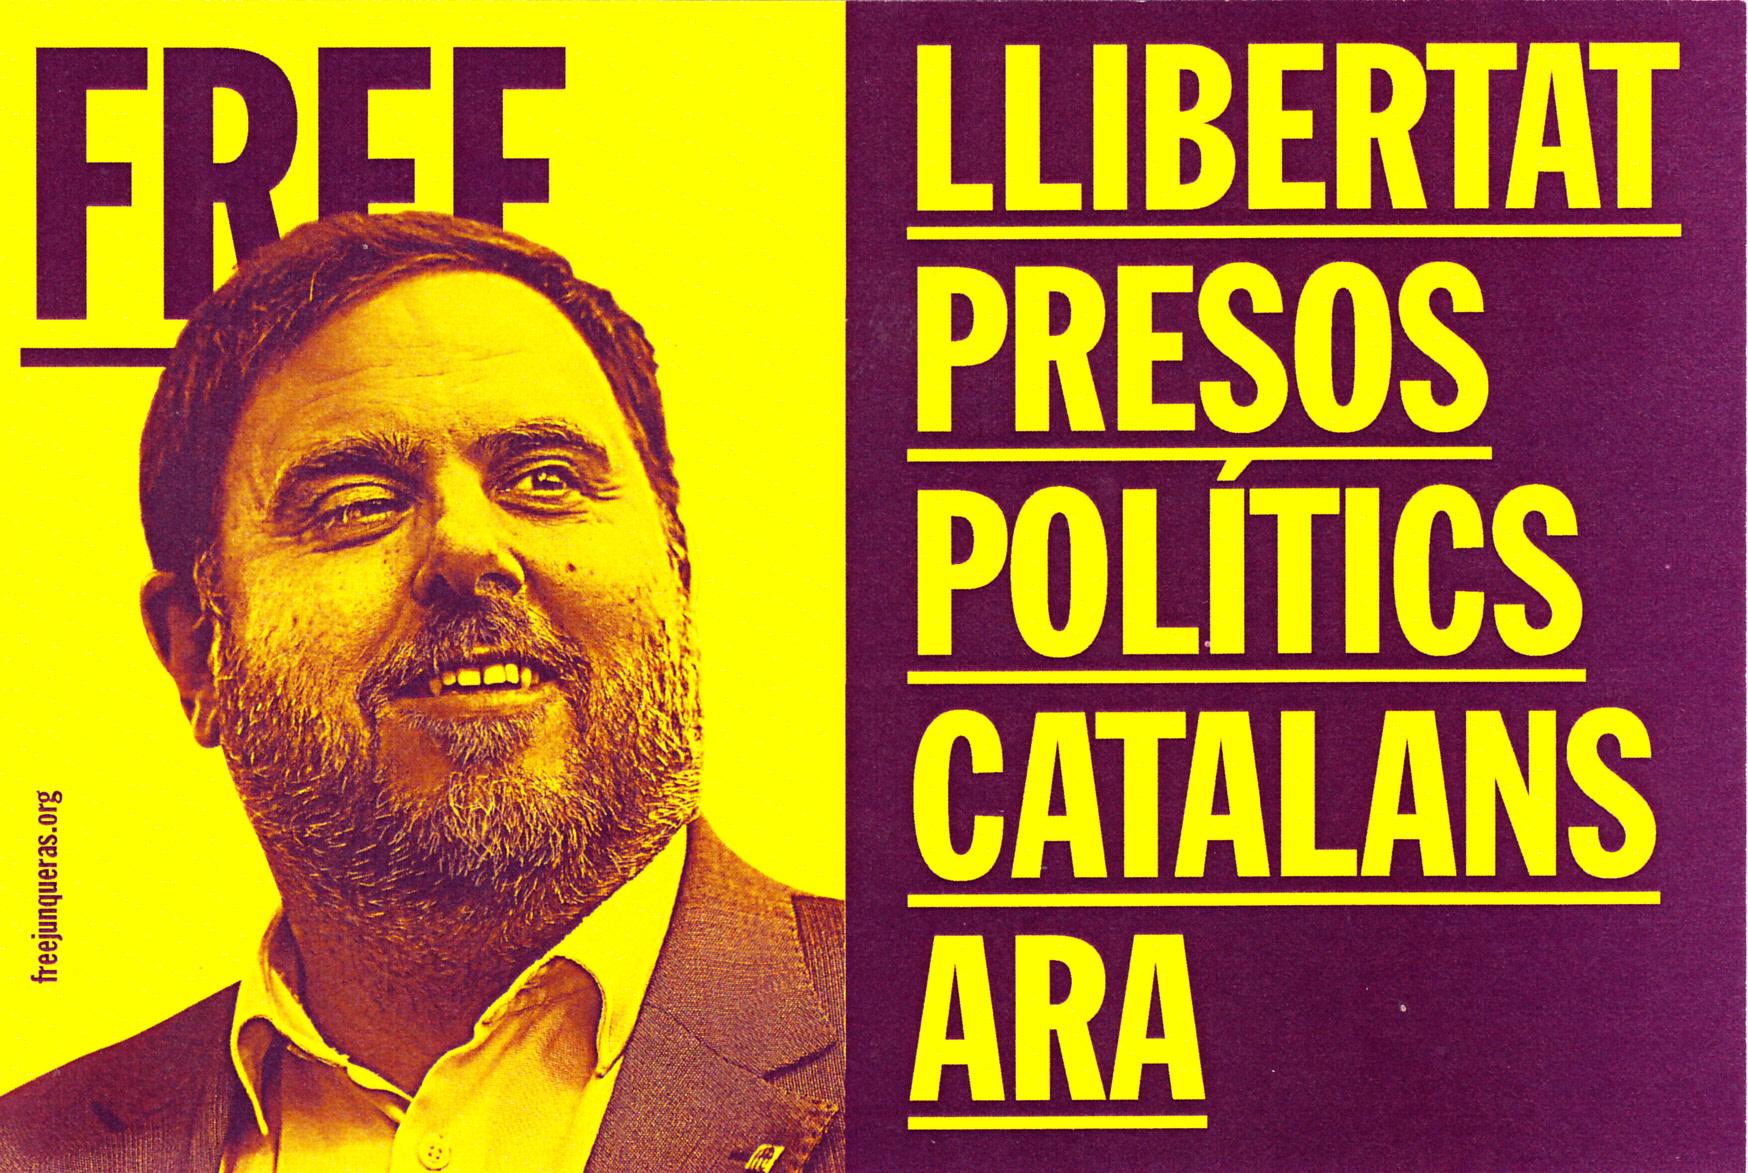 LLIBERTAT PRESOS POLITICS_autoc_0002